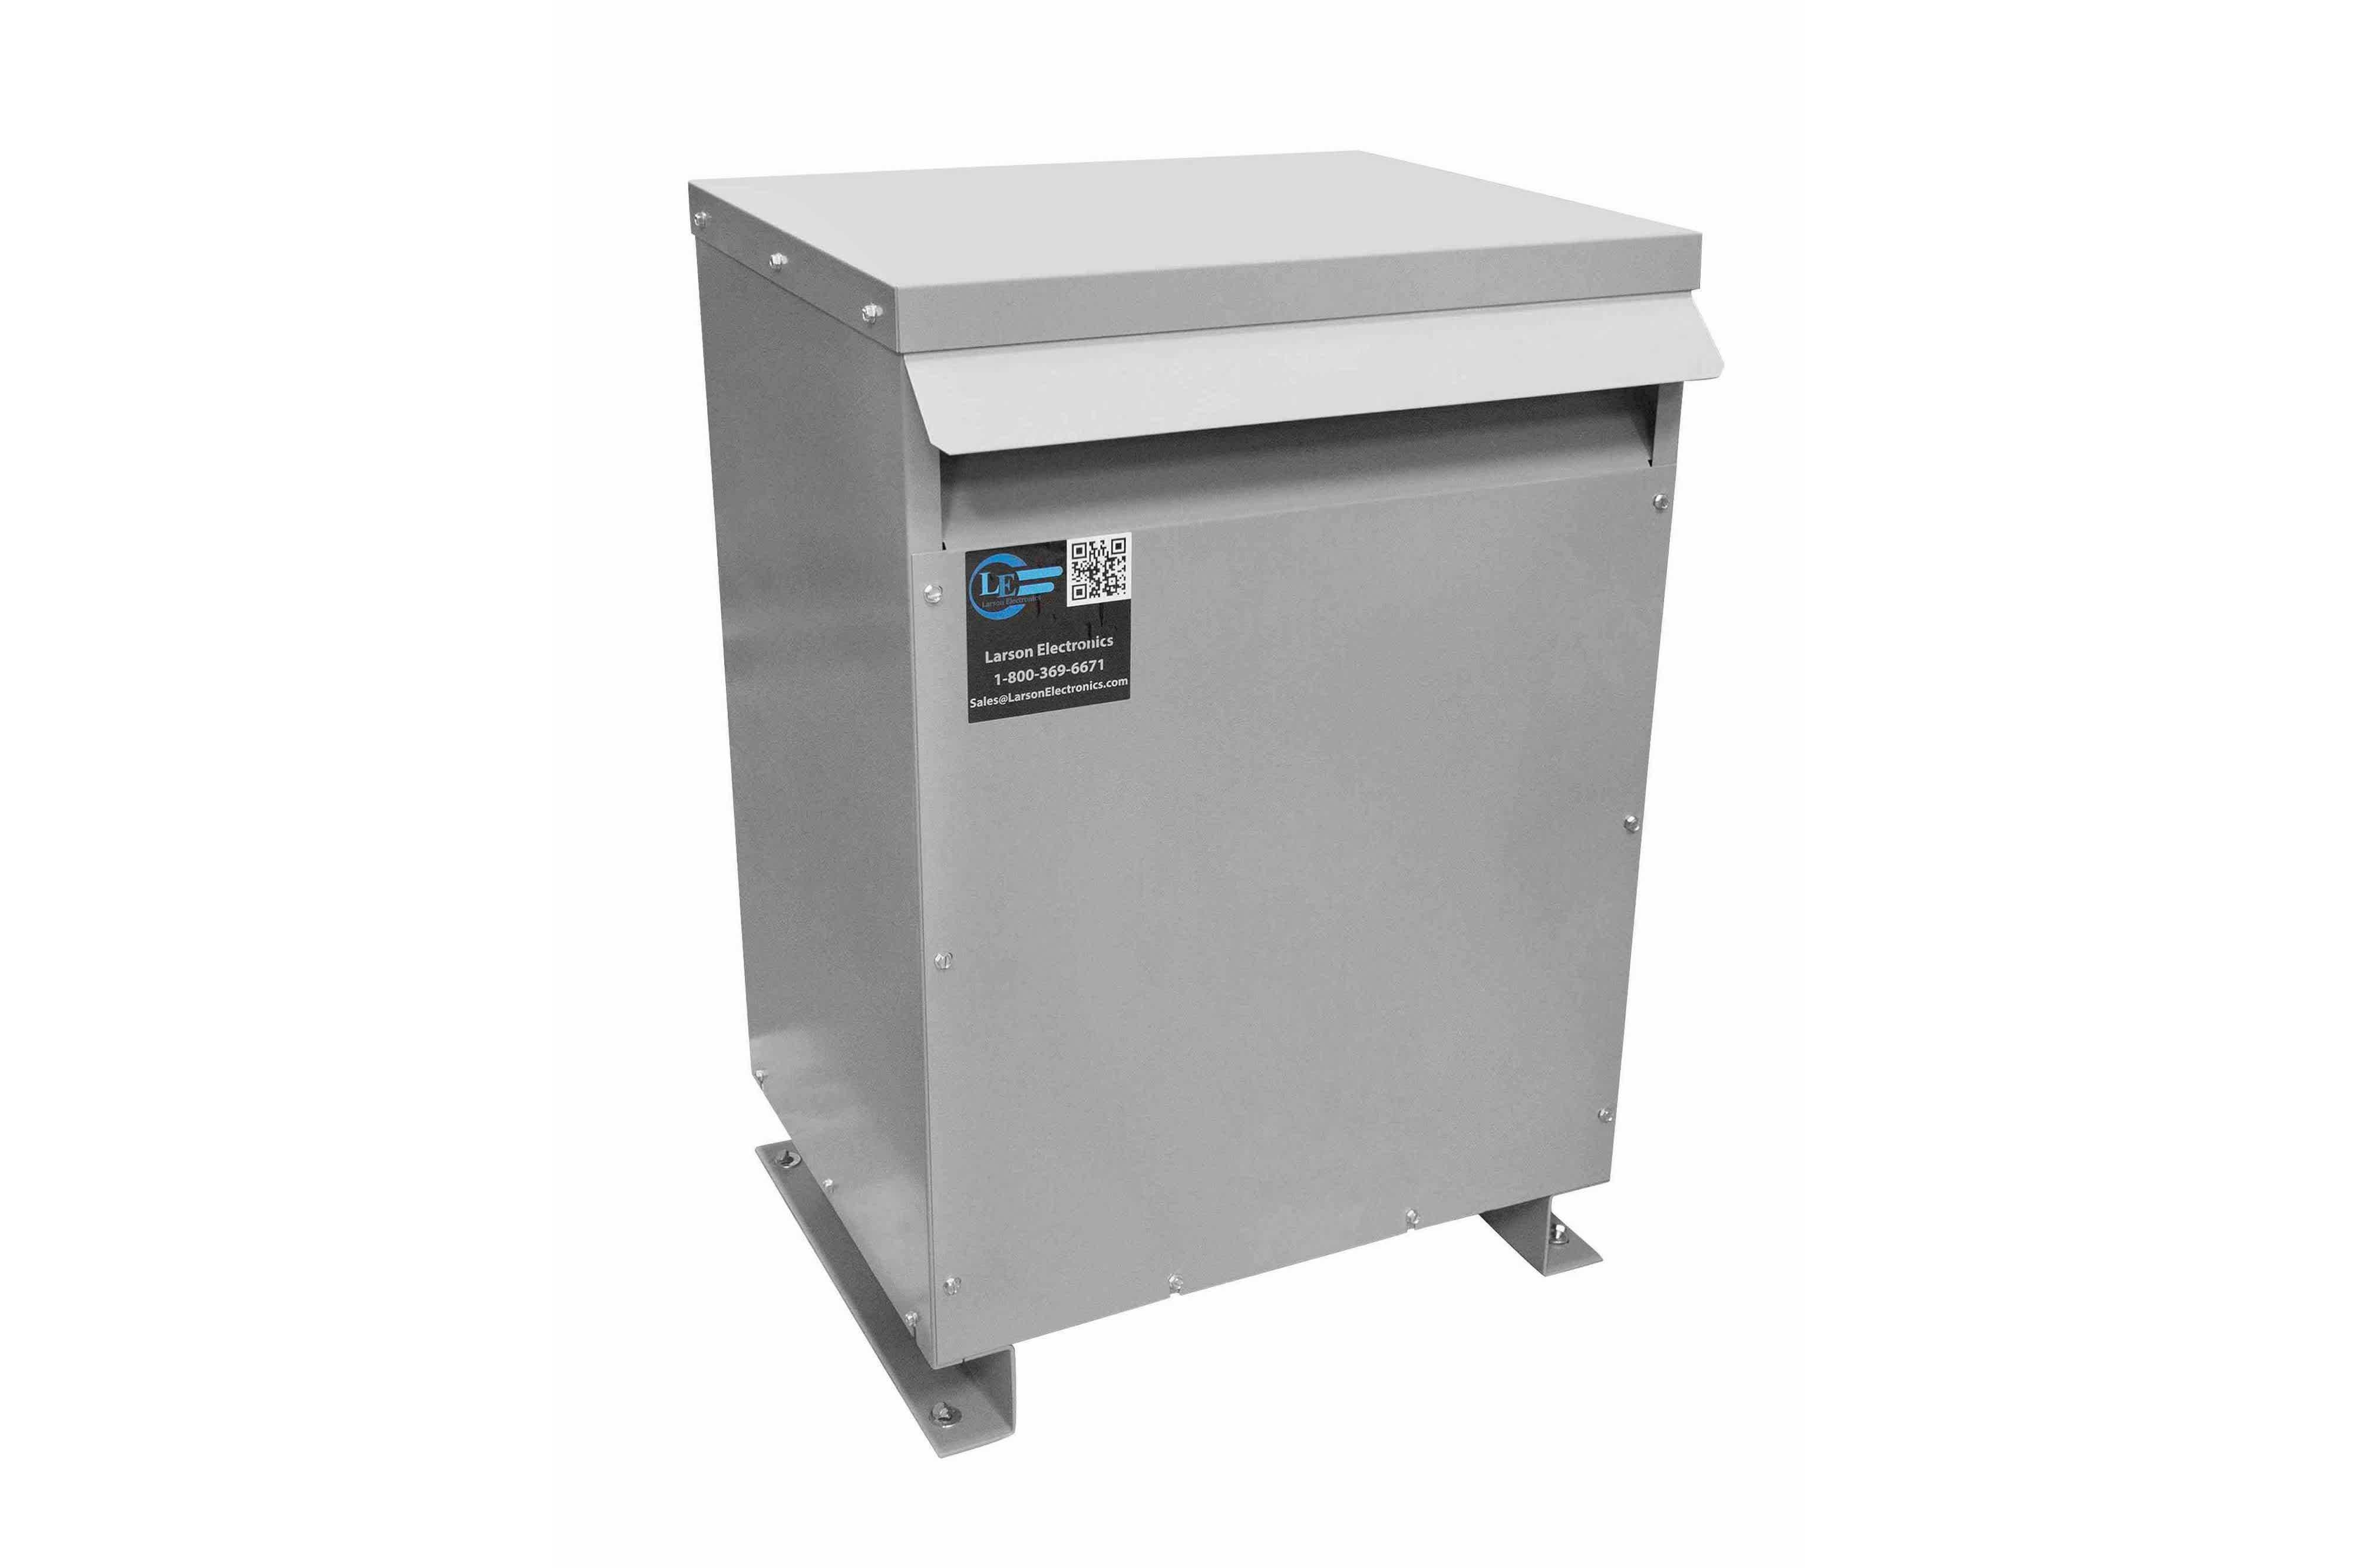 9 kVA 3PH Isolation Transformer, 460V Delta Primary, 240 Delta Secondary, N3R, Ventilated, 60 Hz